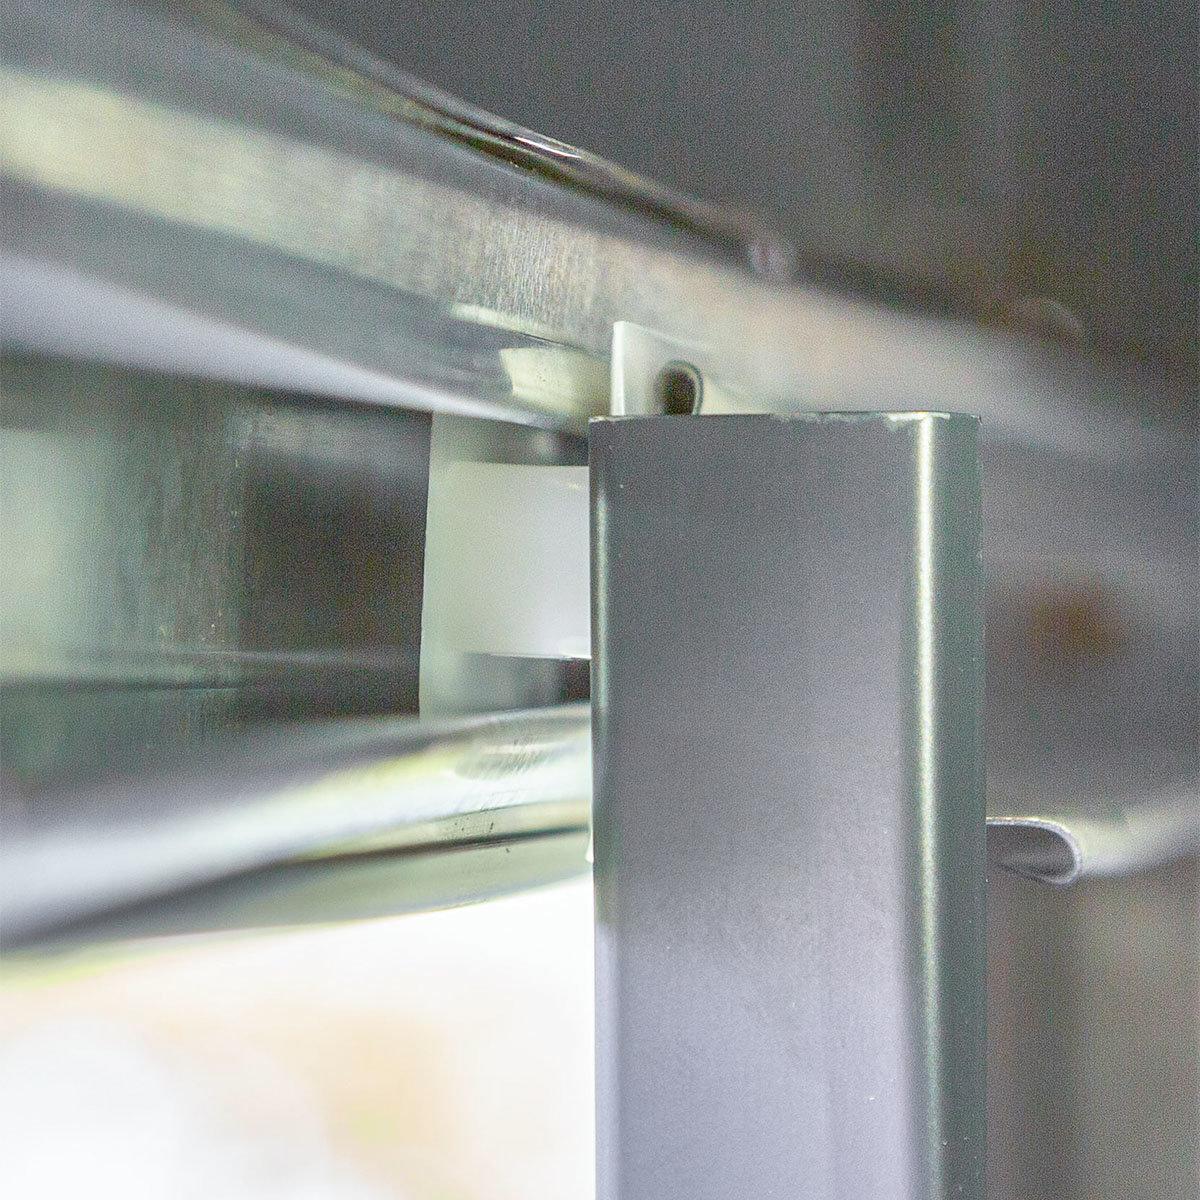 Metallgerätehaus, rostfrei, verzinkter Stahl, ca. 194 x 188 x 201 cm | #9